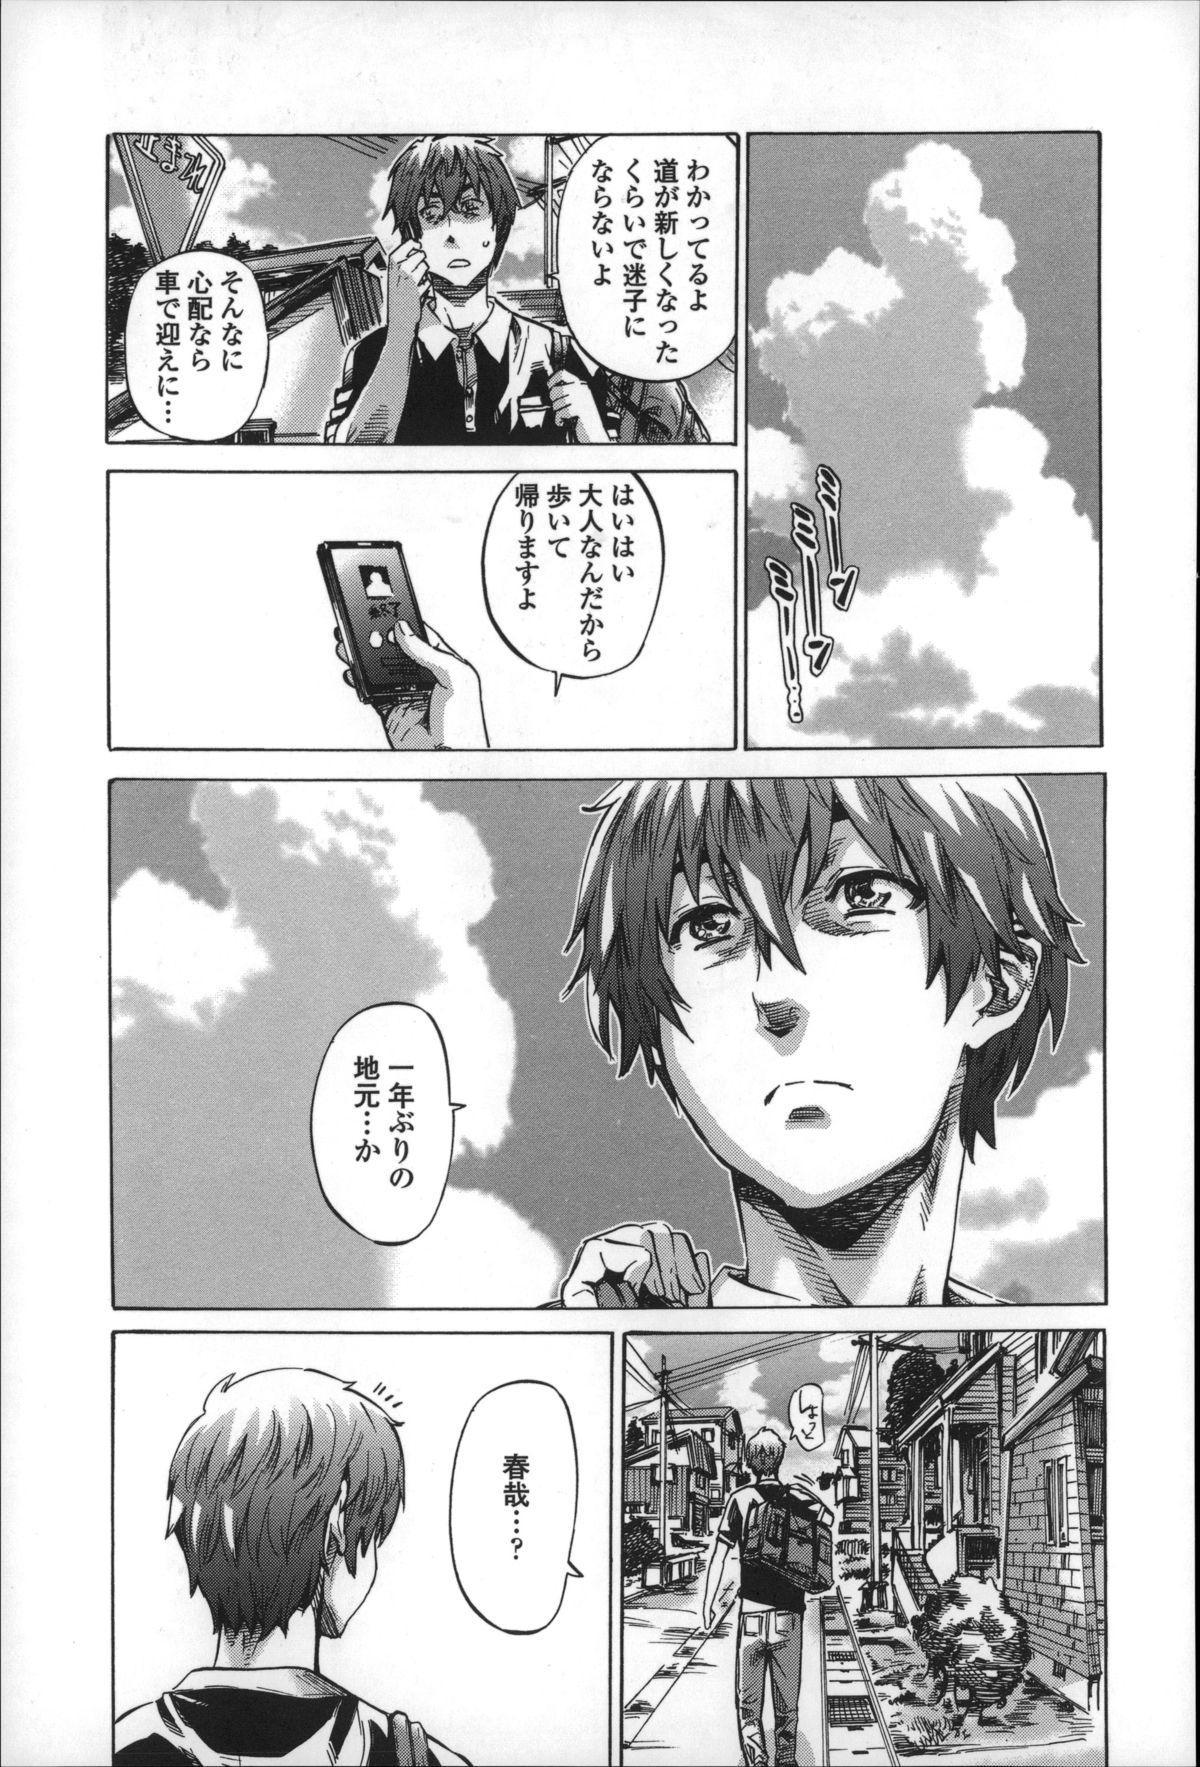 Choushin de Mukuchi no Kanojo ga Hatsujou Shite Kitara Eroiyo ne? 172